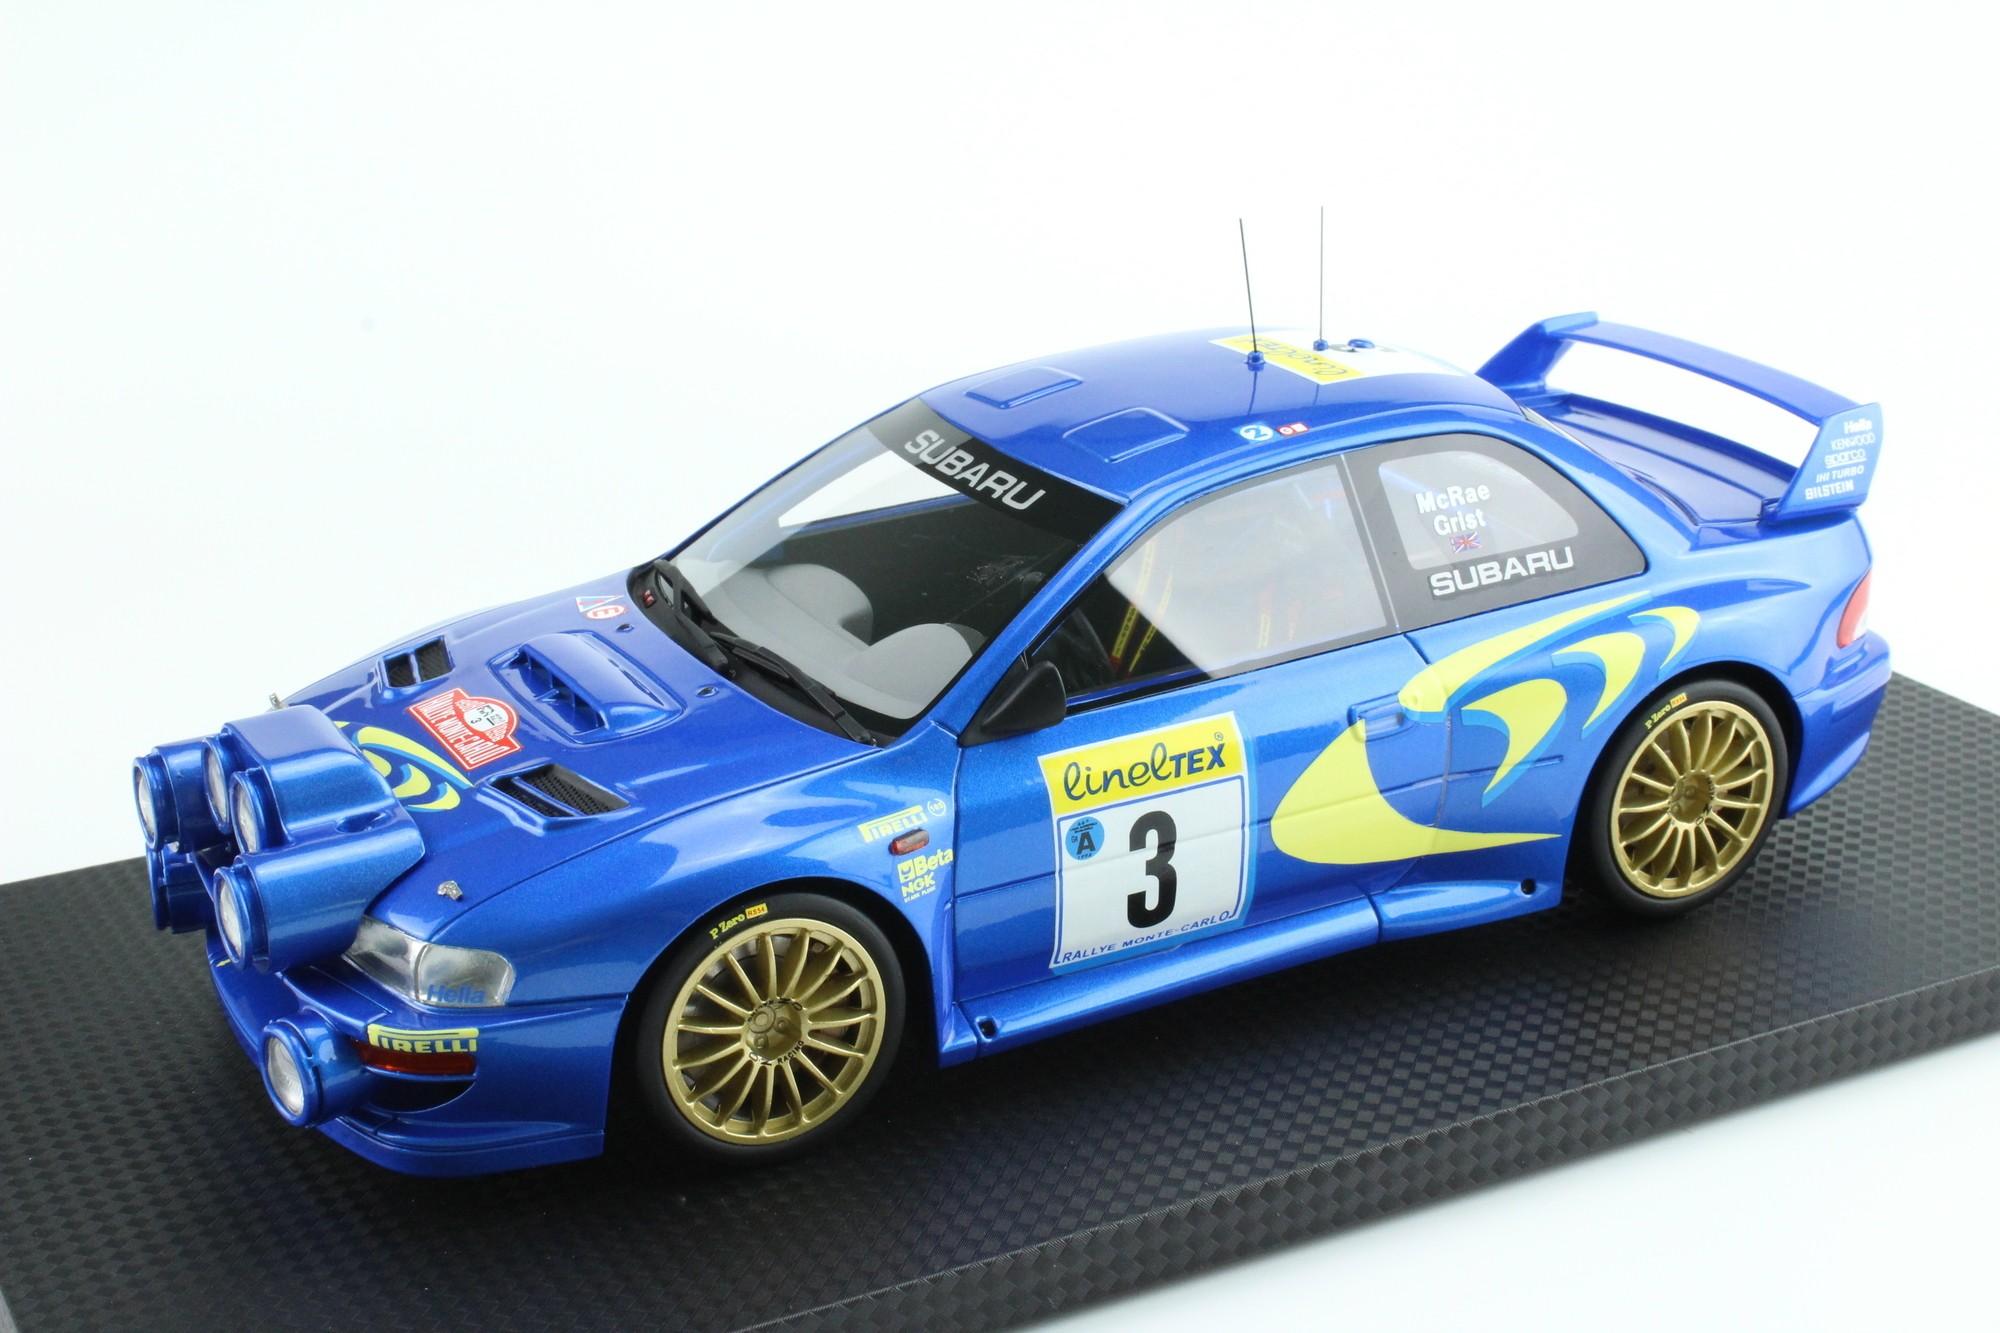 Top Marques Collectibles Subaru Impreza S4 Wrc Mc Rally